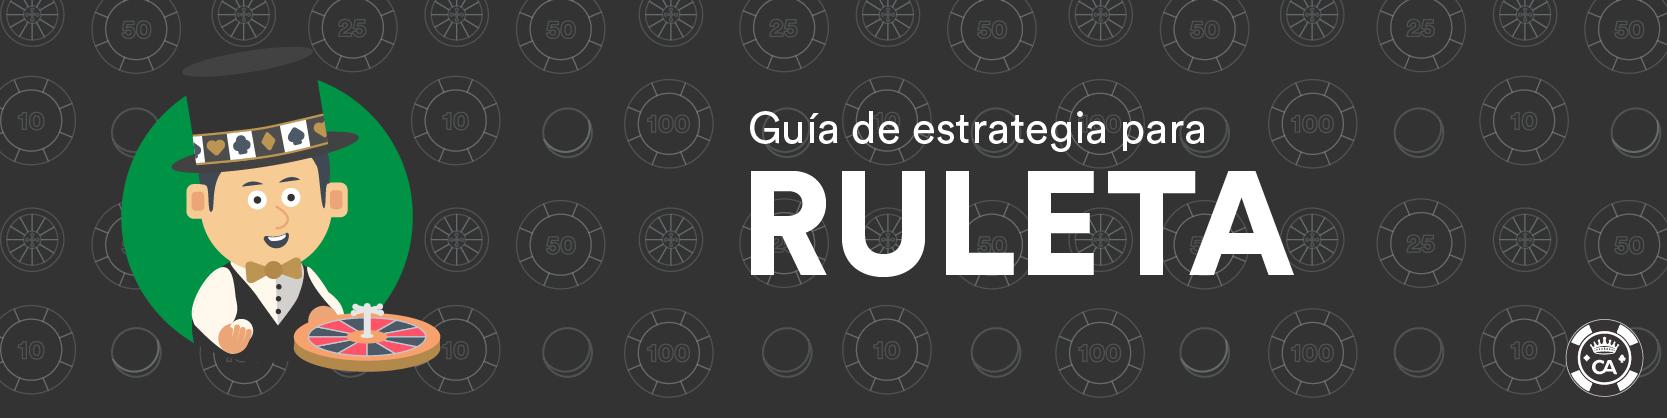 Estrategia Ruleta